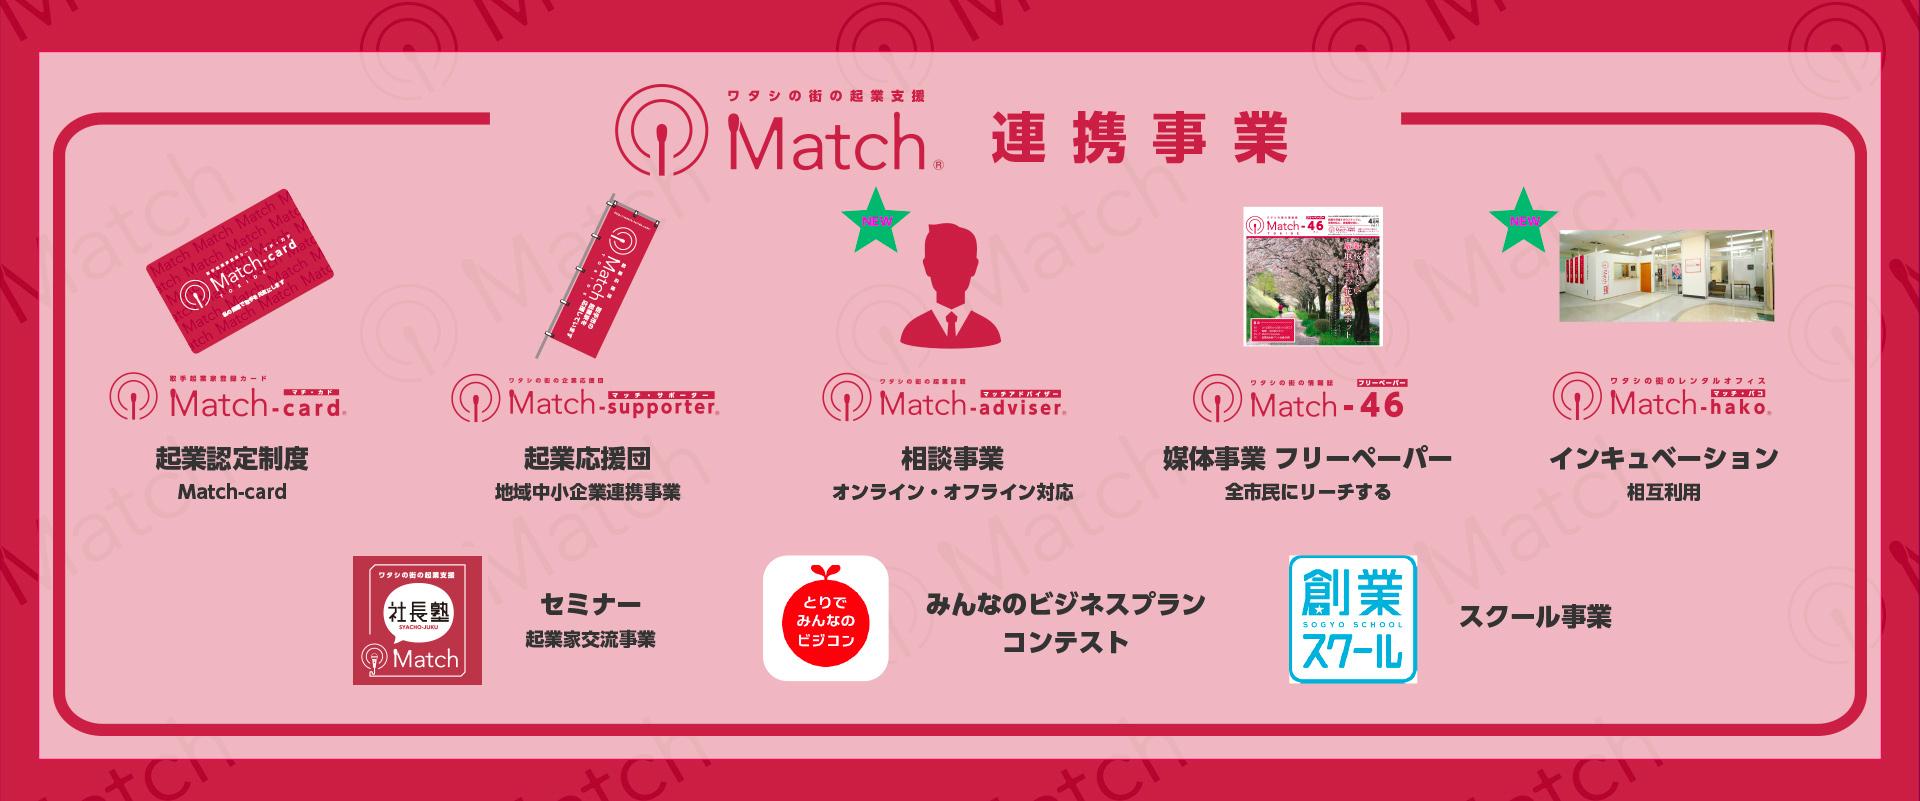 matchとは はじめに 取手 龍ヶ崎の起業支援 レンタルスペース match